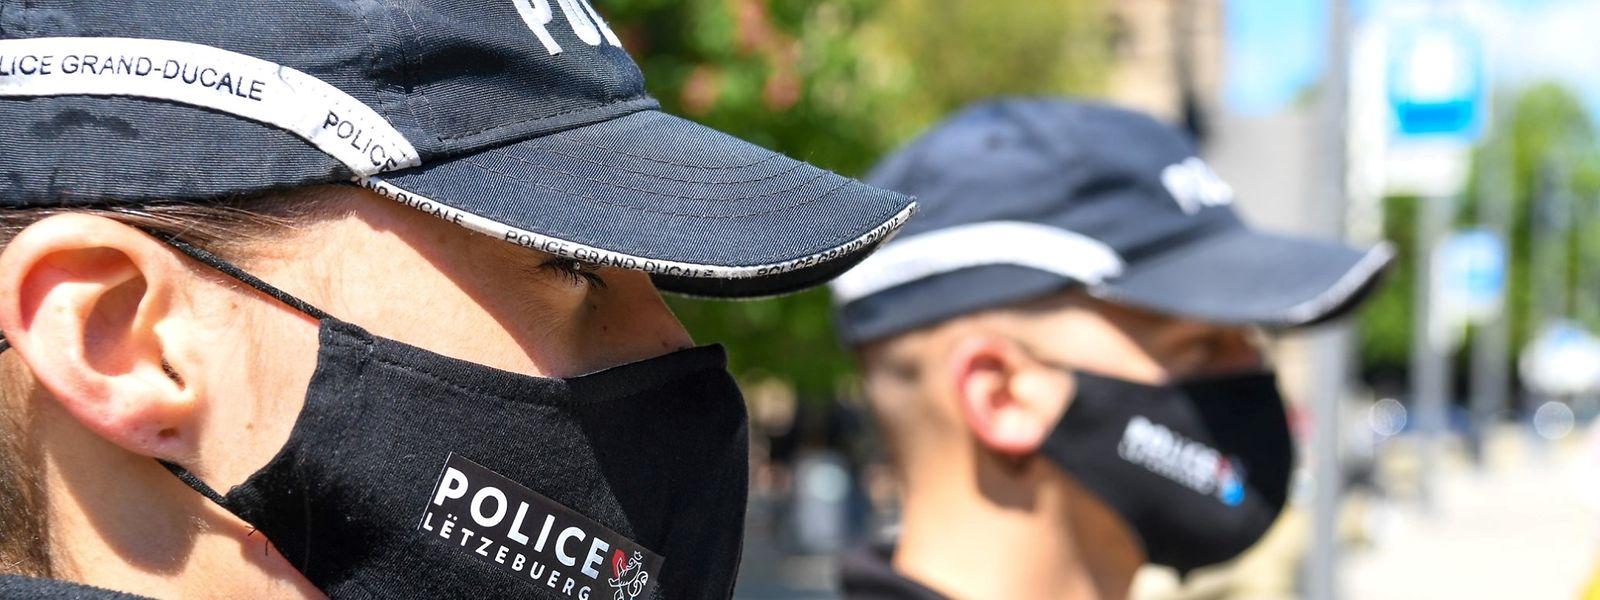 Wöchentlich führt die Polizei Kontrollen durch, um festzustellen, ob die Covid-19-Gesetze eingehalten werden.